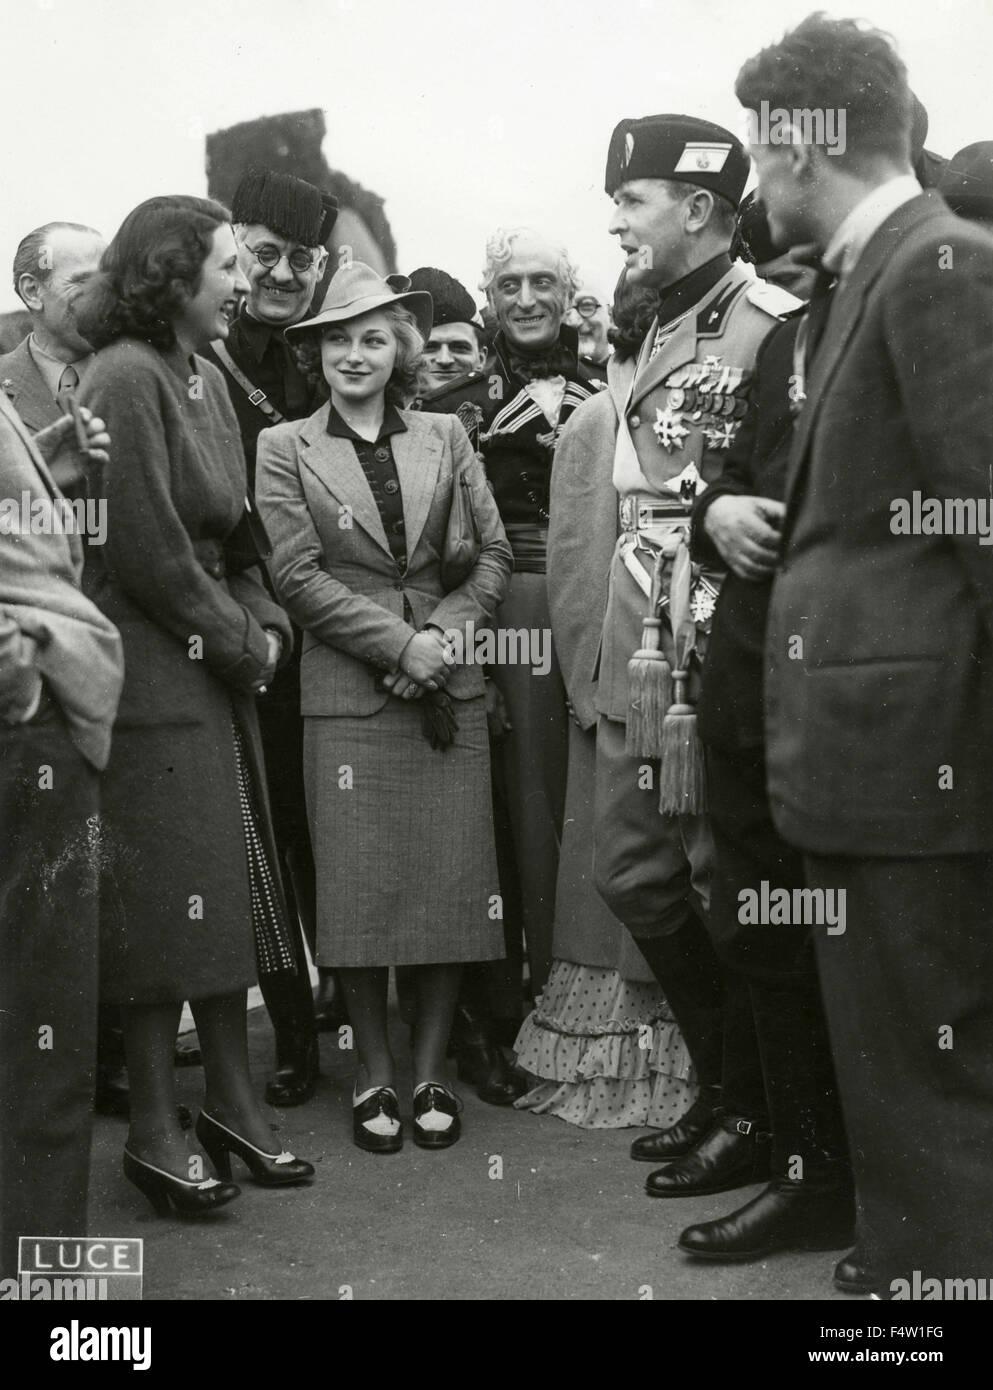 Fascistas y mujeres jóvenes vestidos a la moda de los 30s, Italia Imagen De Stock